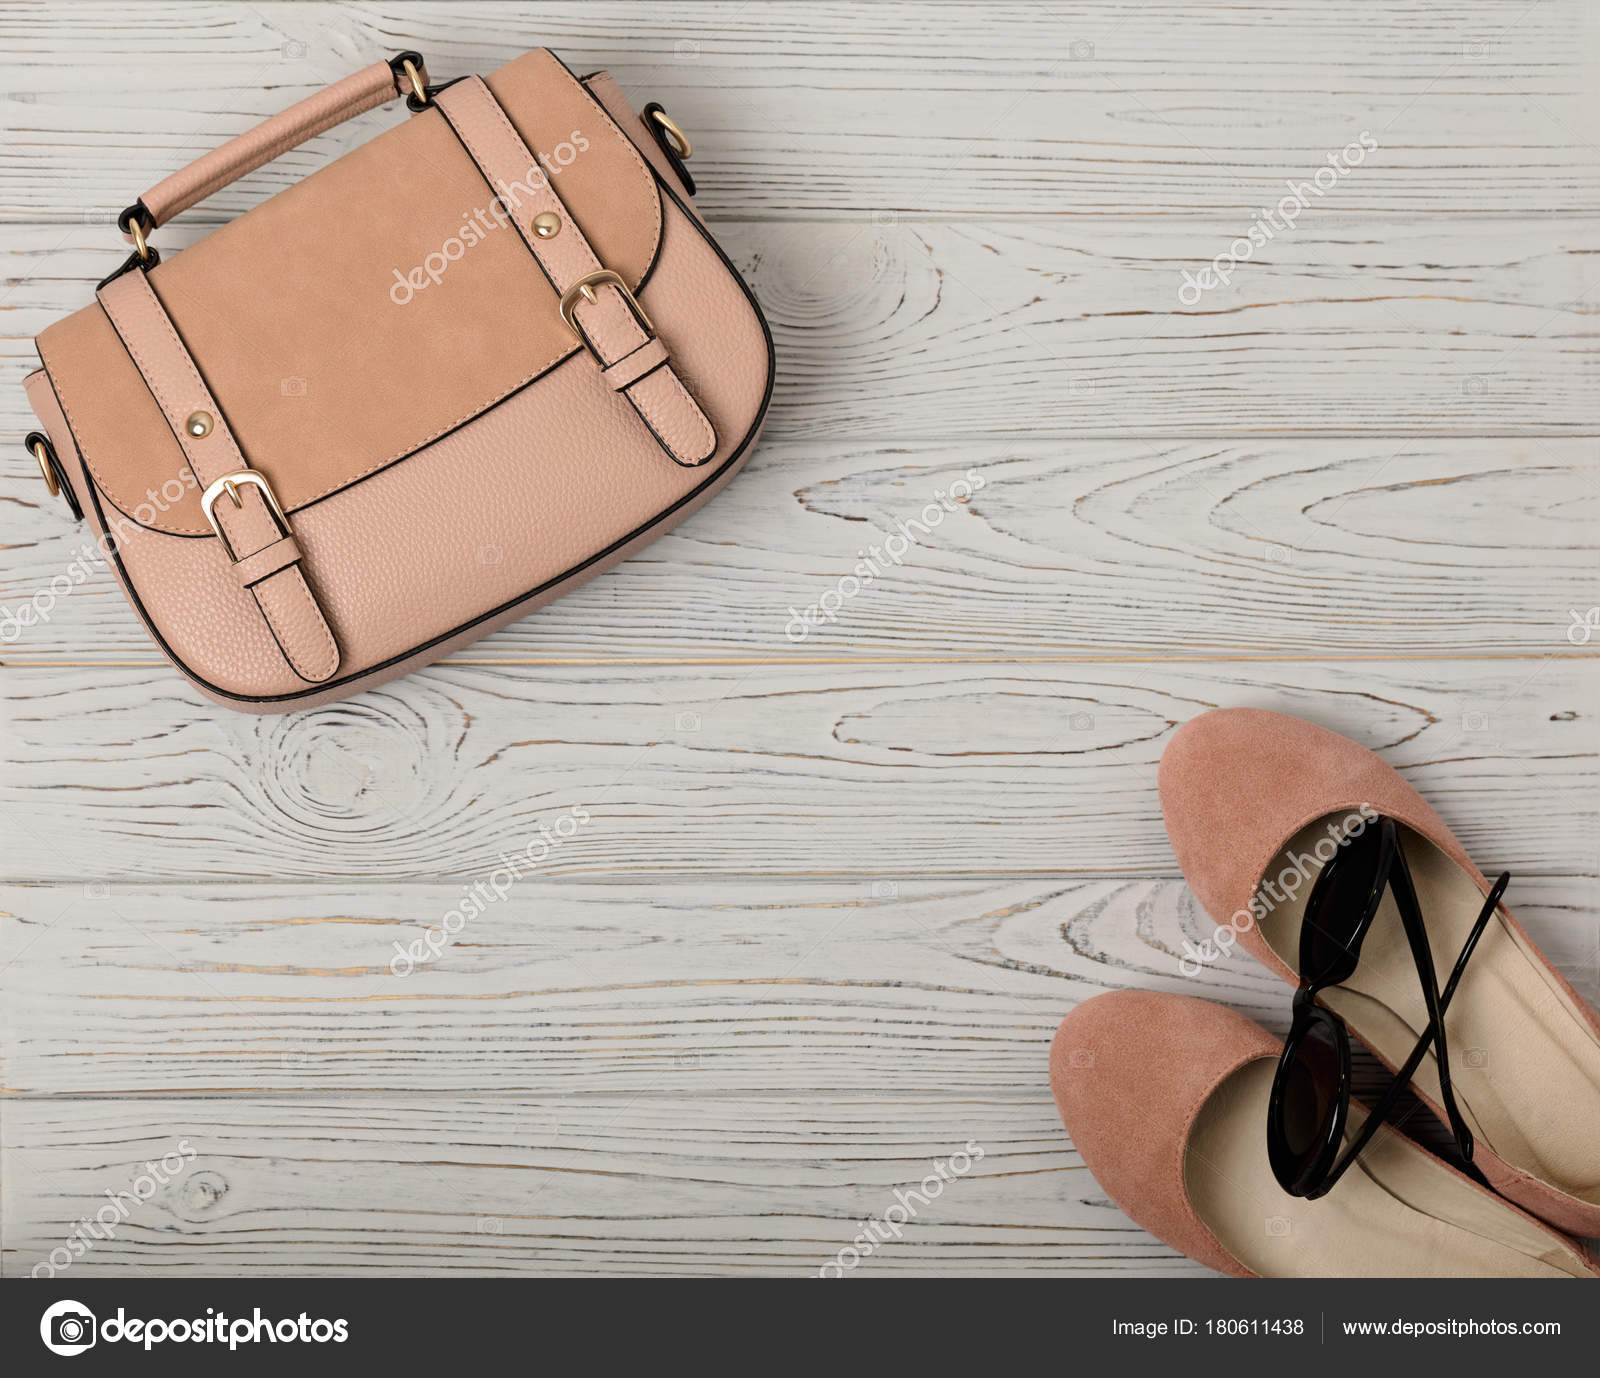 e287d1c602 Τσάντα γυναικεία αξεσουάρ - απαλά ροζ